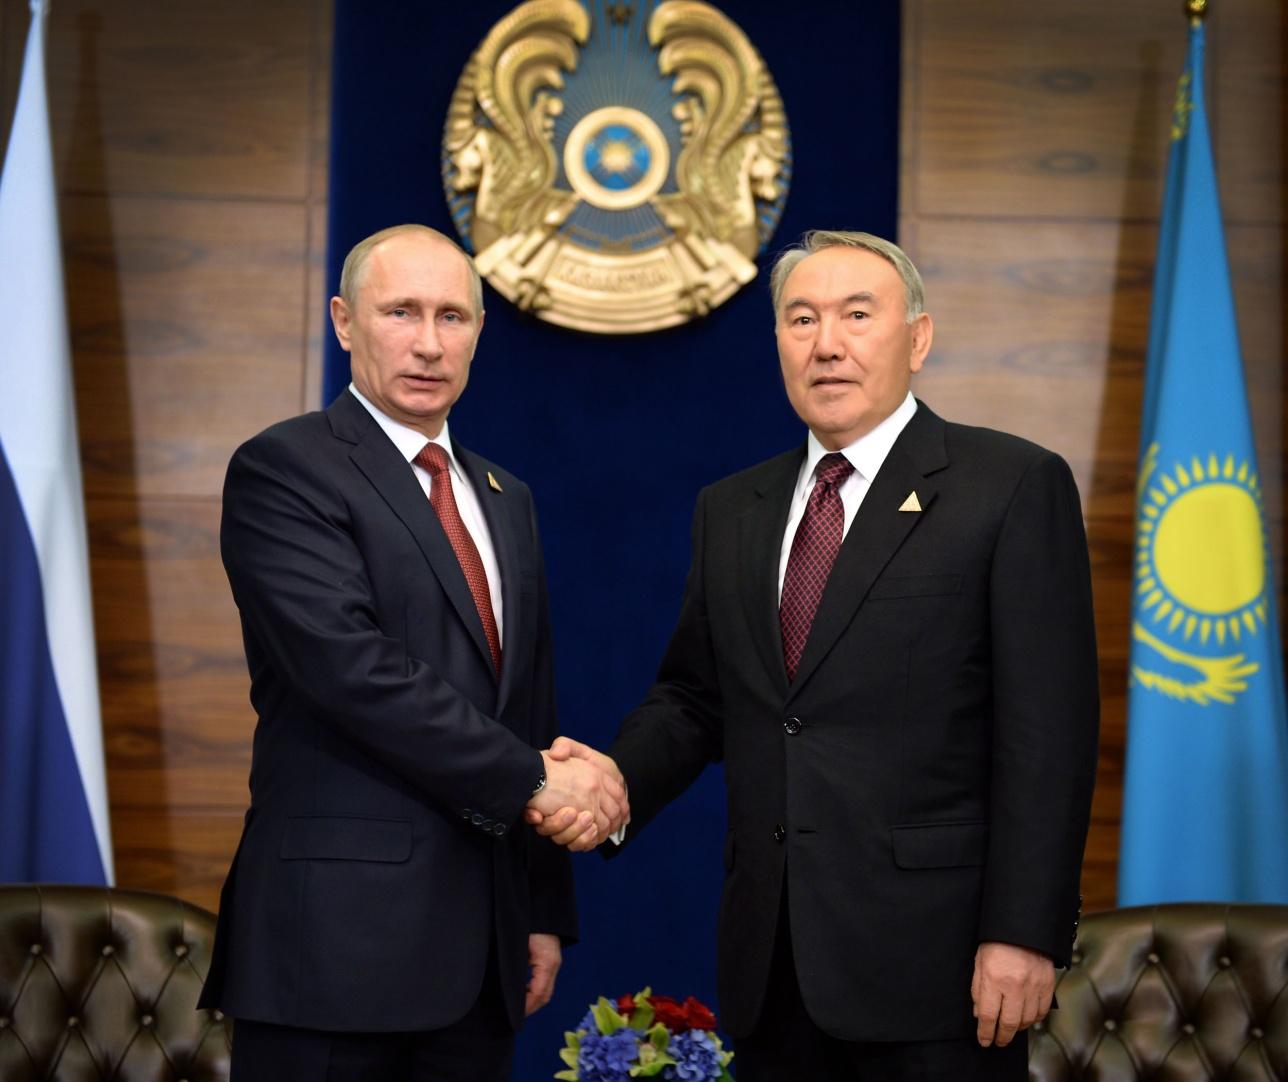 Официальная встреча Назарбаева с Путиным пройдёт в Алматы